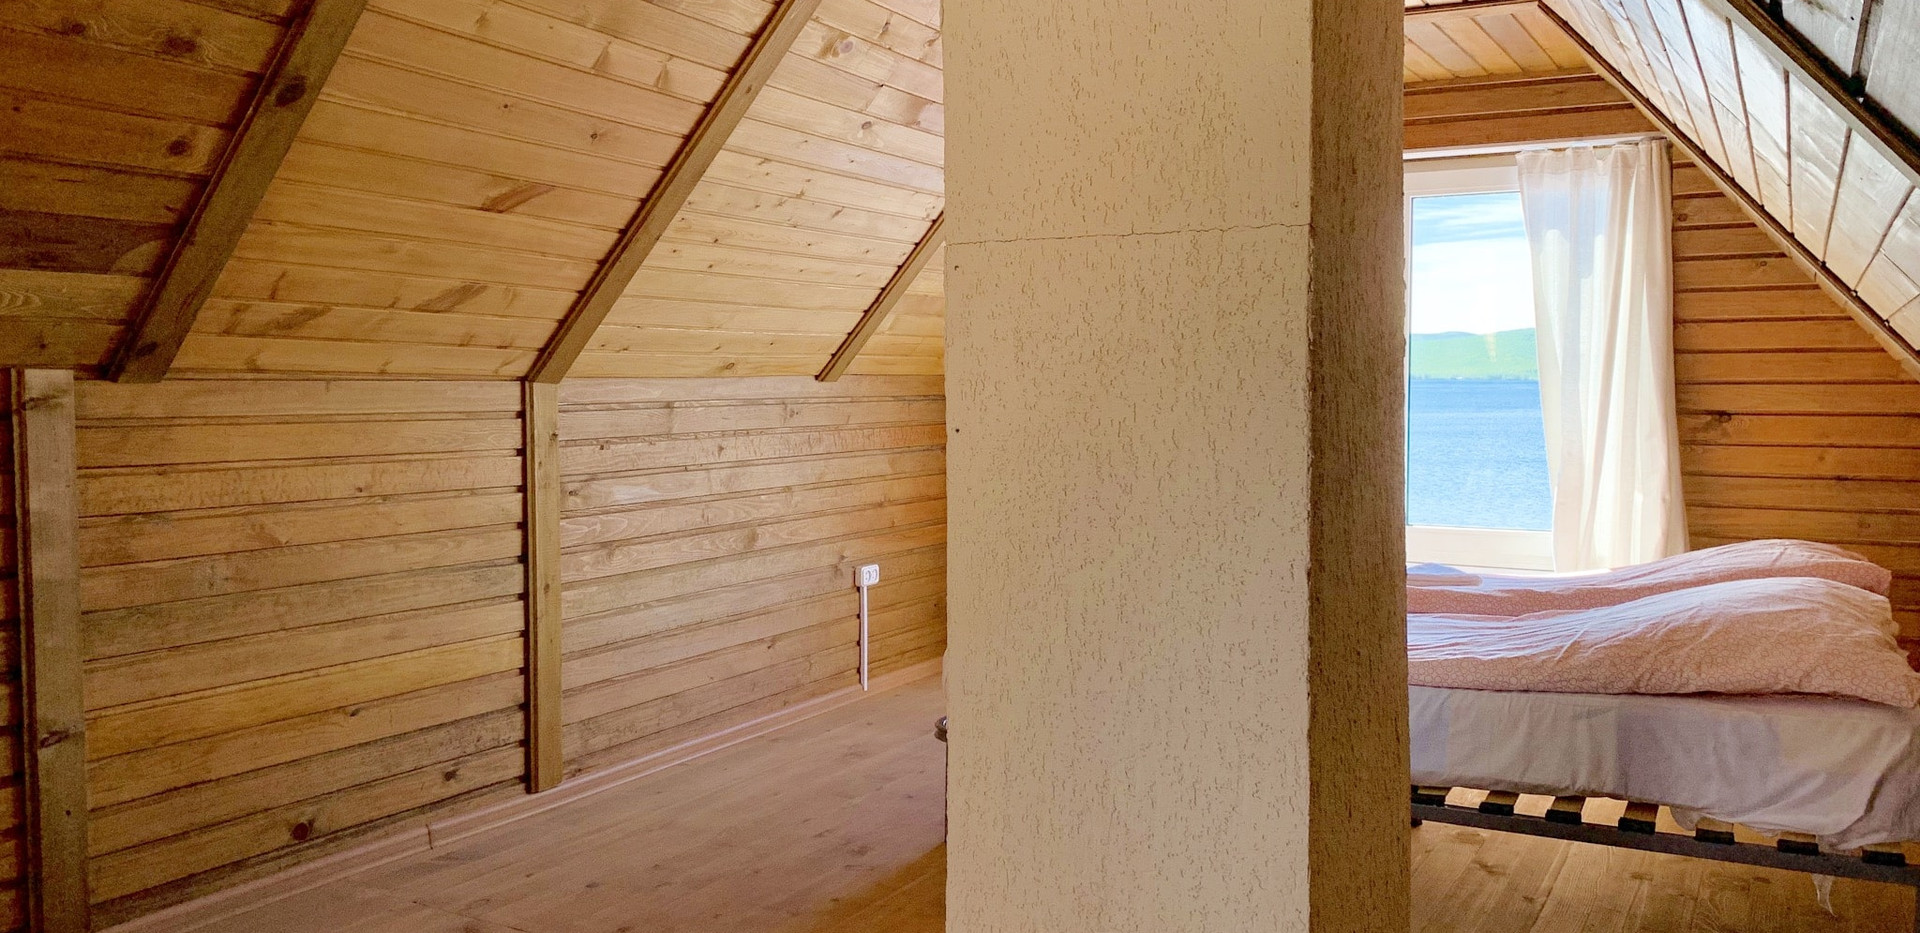 Двухместная комната над баней